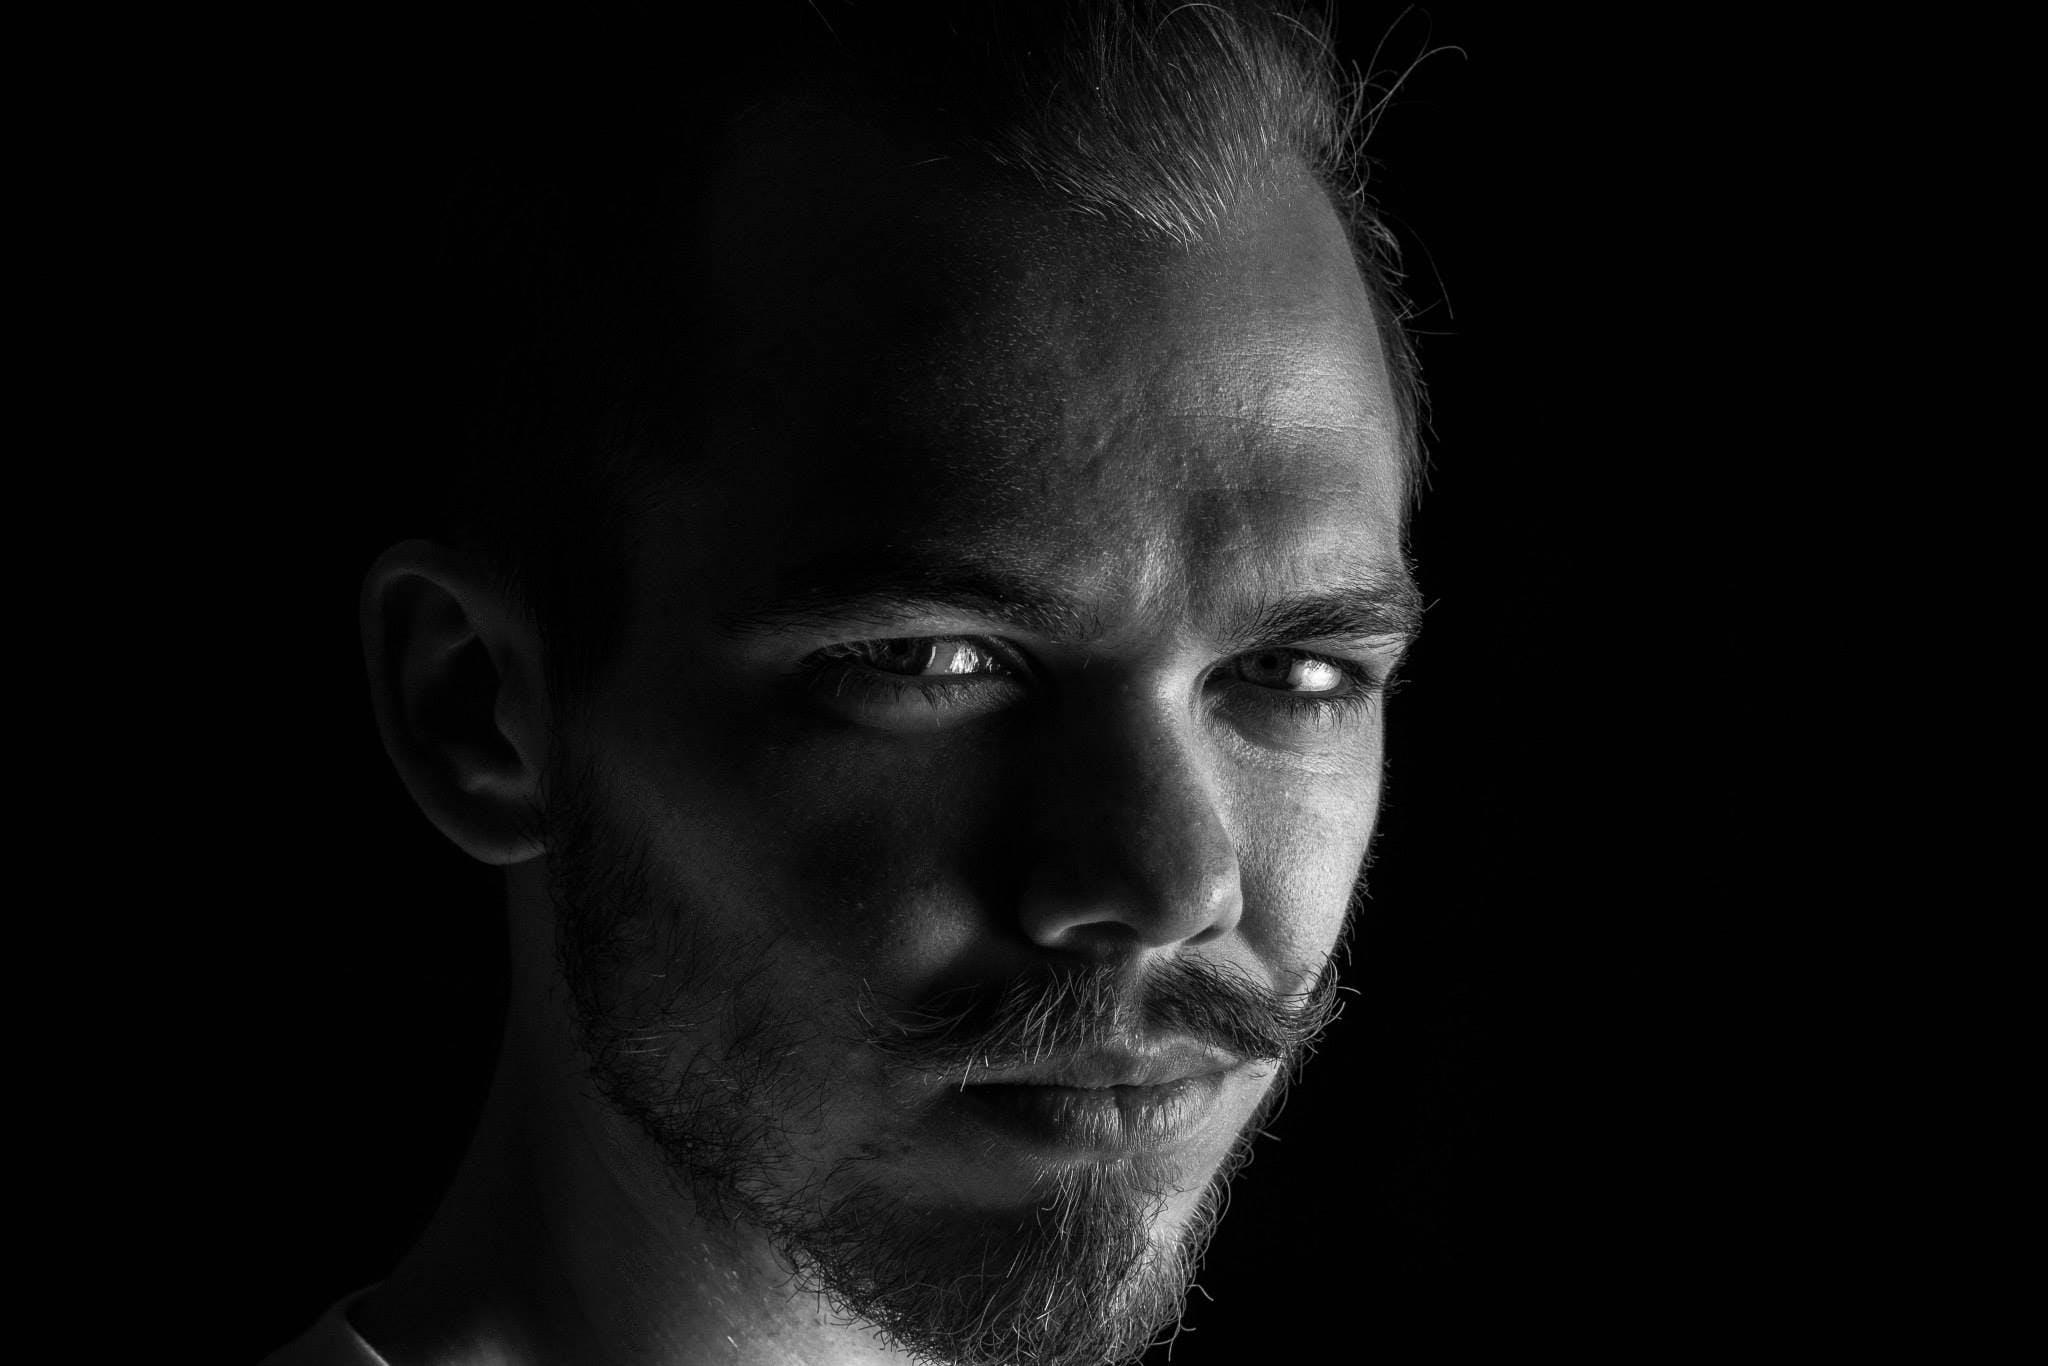 Fotos de stock gratuitas de adulto, Bigote, blanco y negro, concentrarse